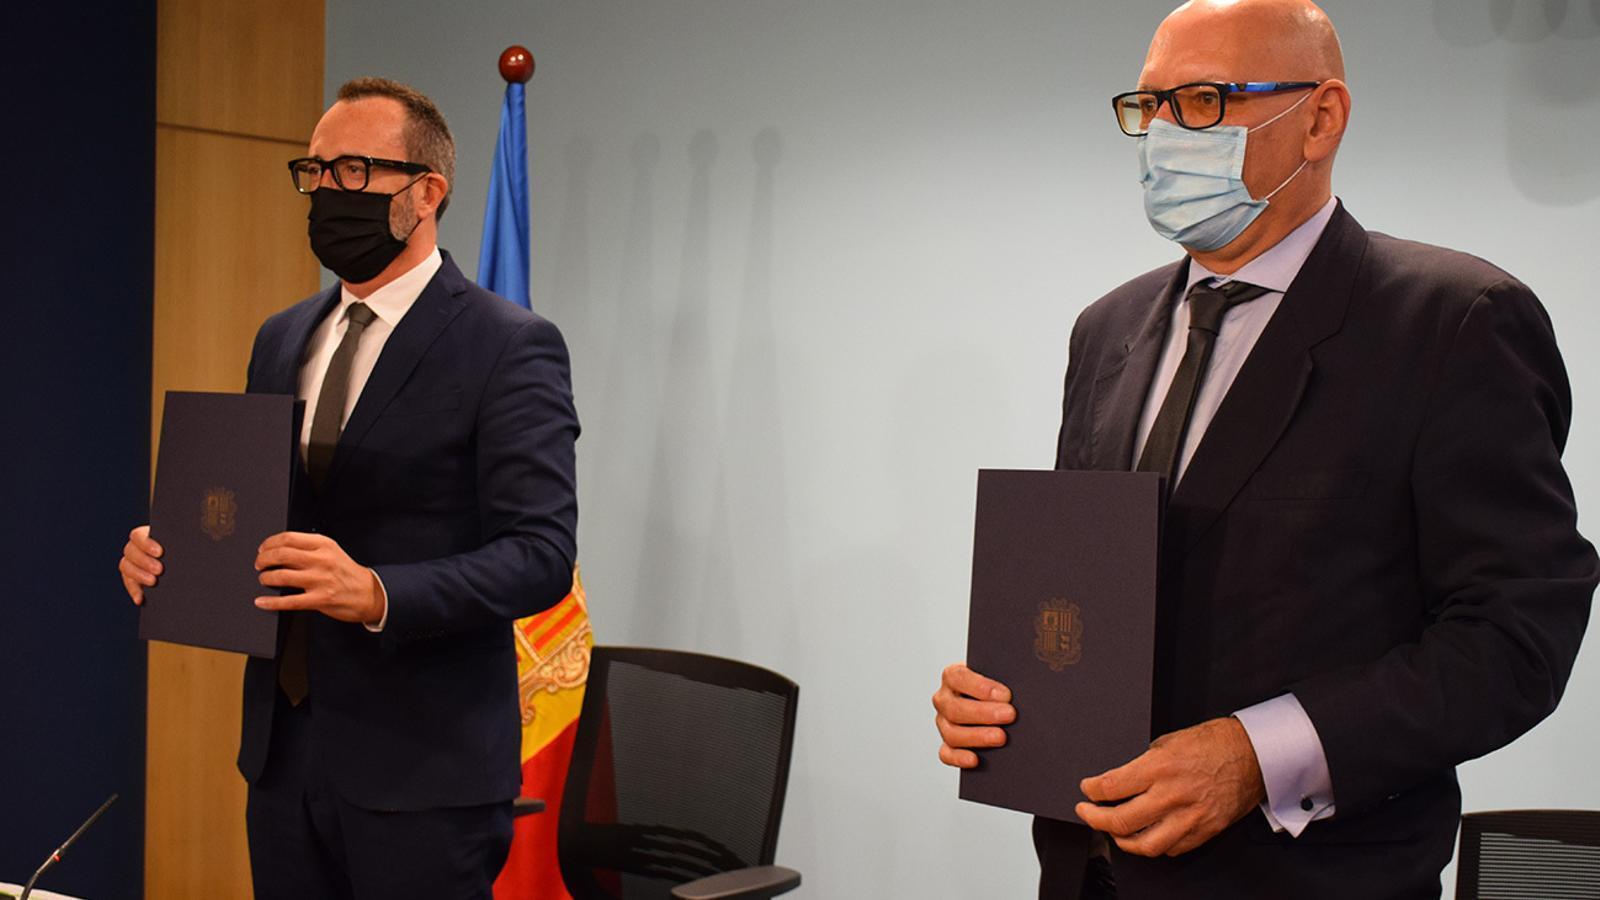 El conveni signat per part de Víctor Filloy i Miquel Nicolau, aquest dijous a la sala de premsa del Govern. / A. B. (ANA)